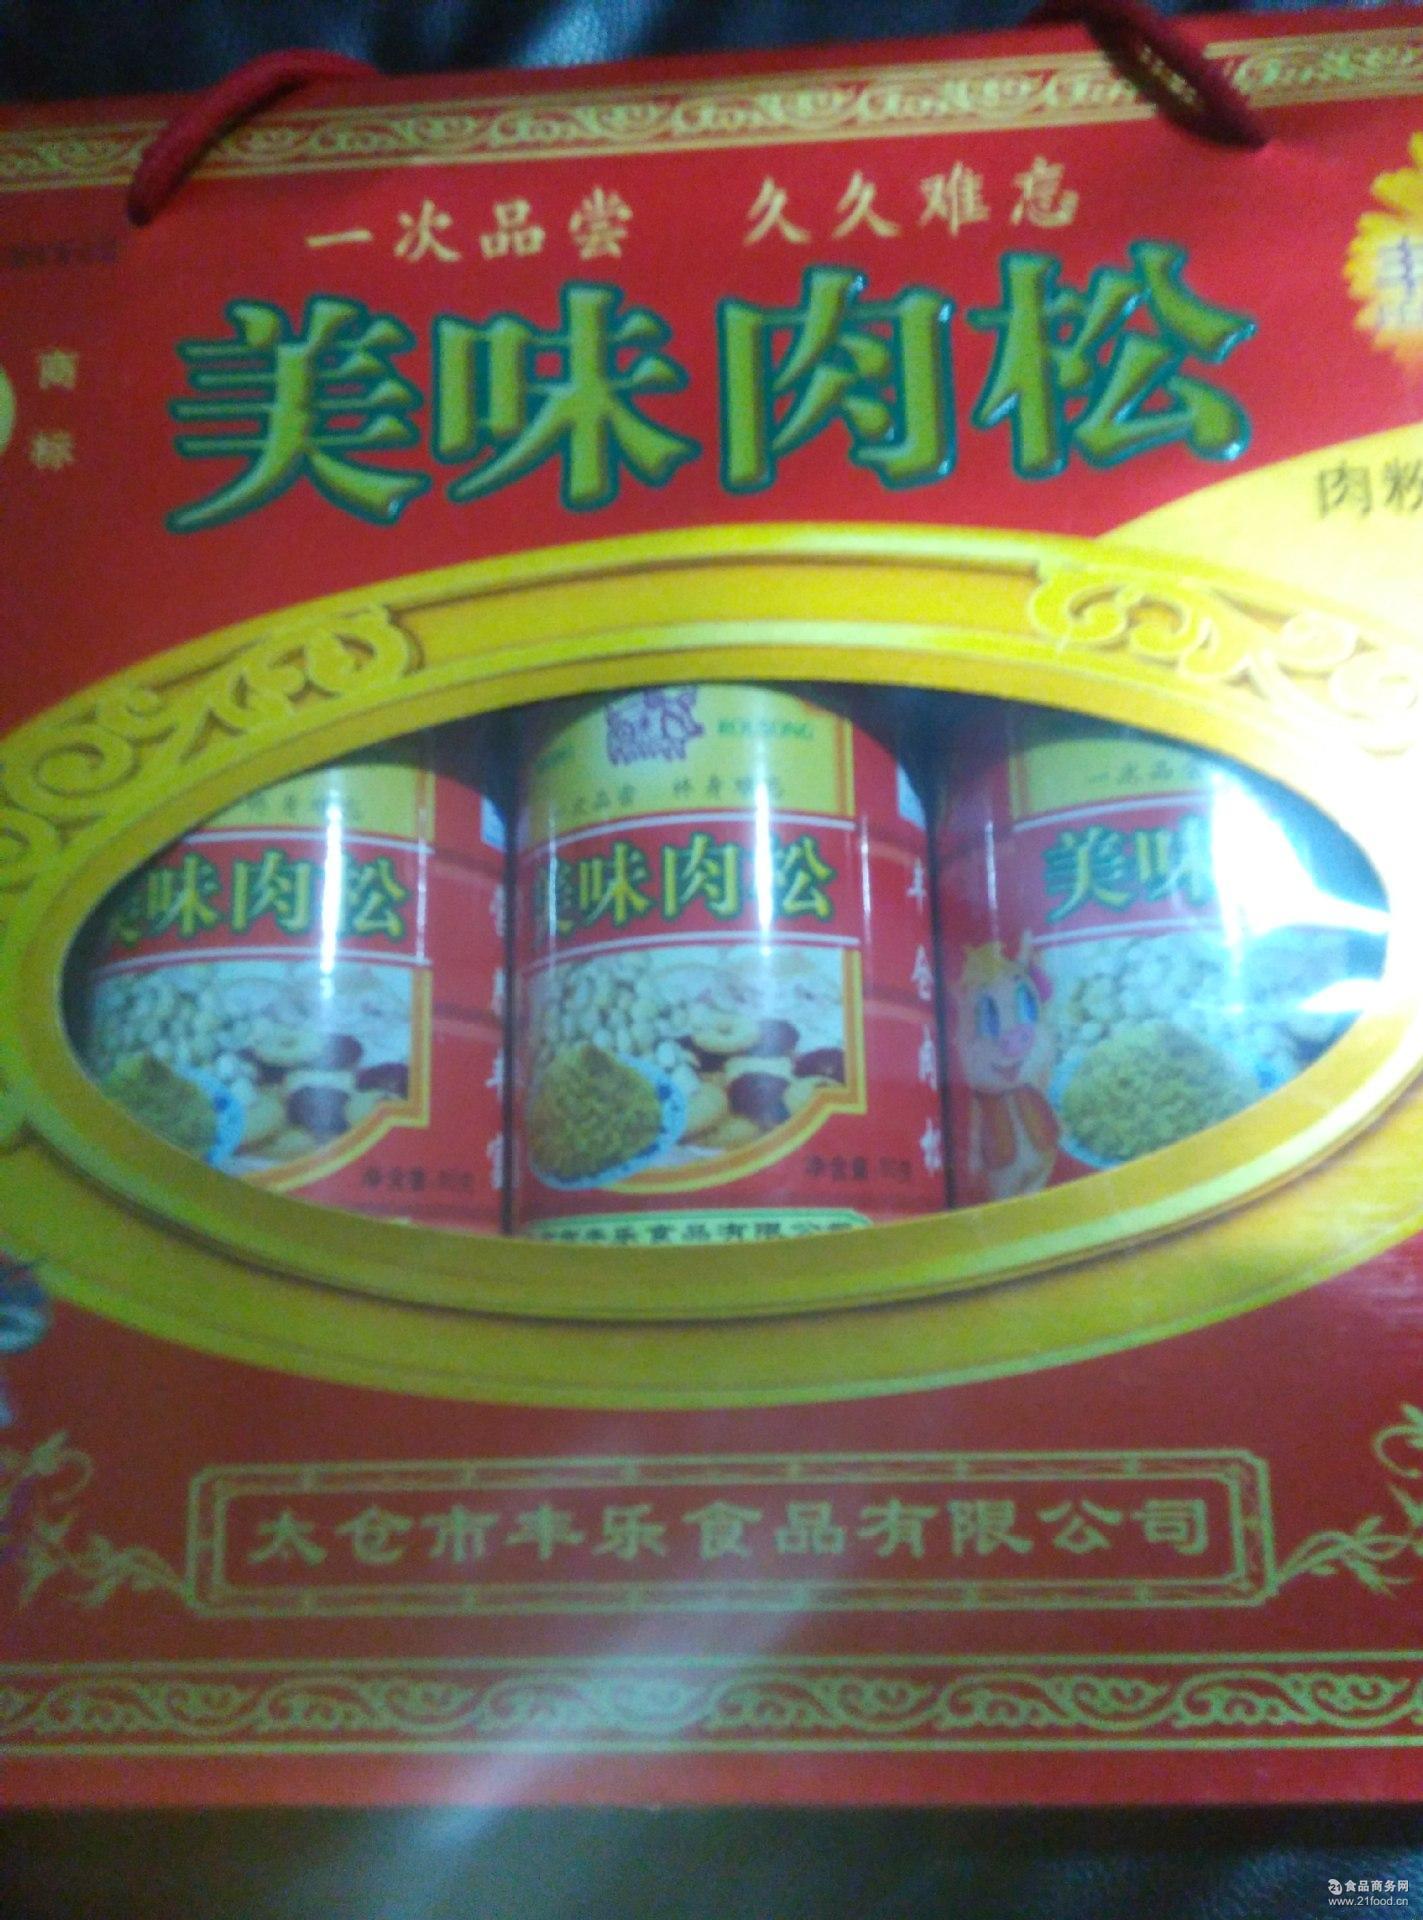 香酥肉松 美味肉松 肉松 丰仓牌 80克*3罐 240克 佳节